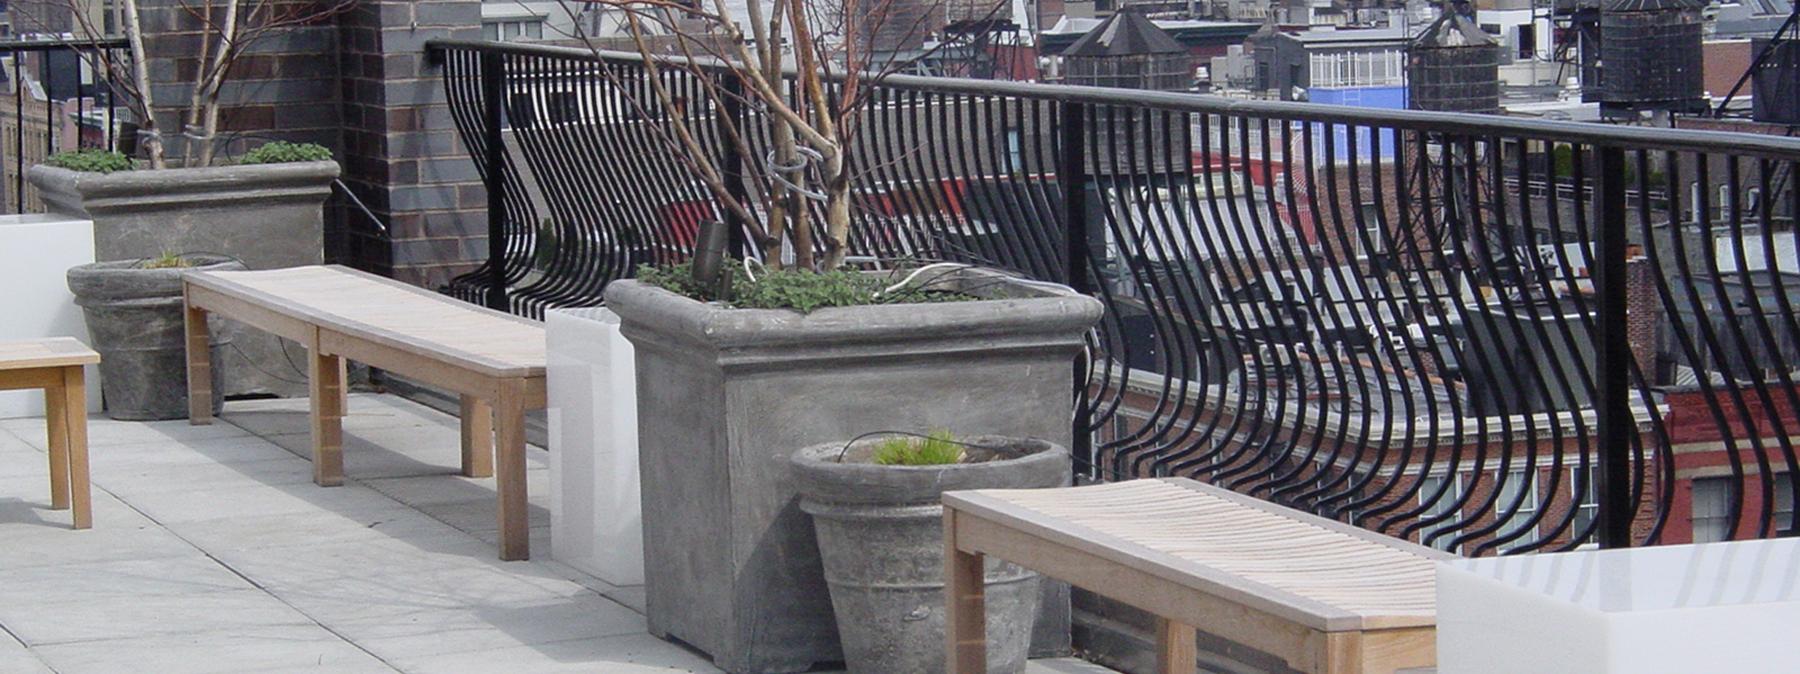 Steel-Roof-Rail-Commercial-new-2.jpg